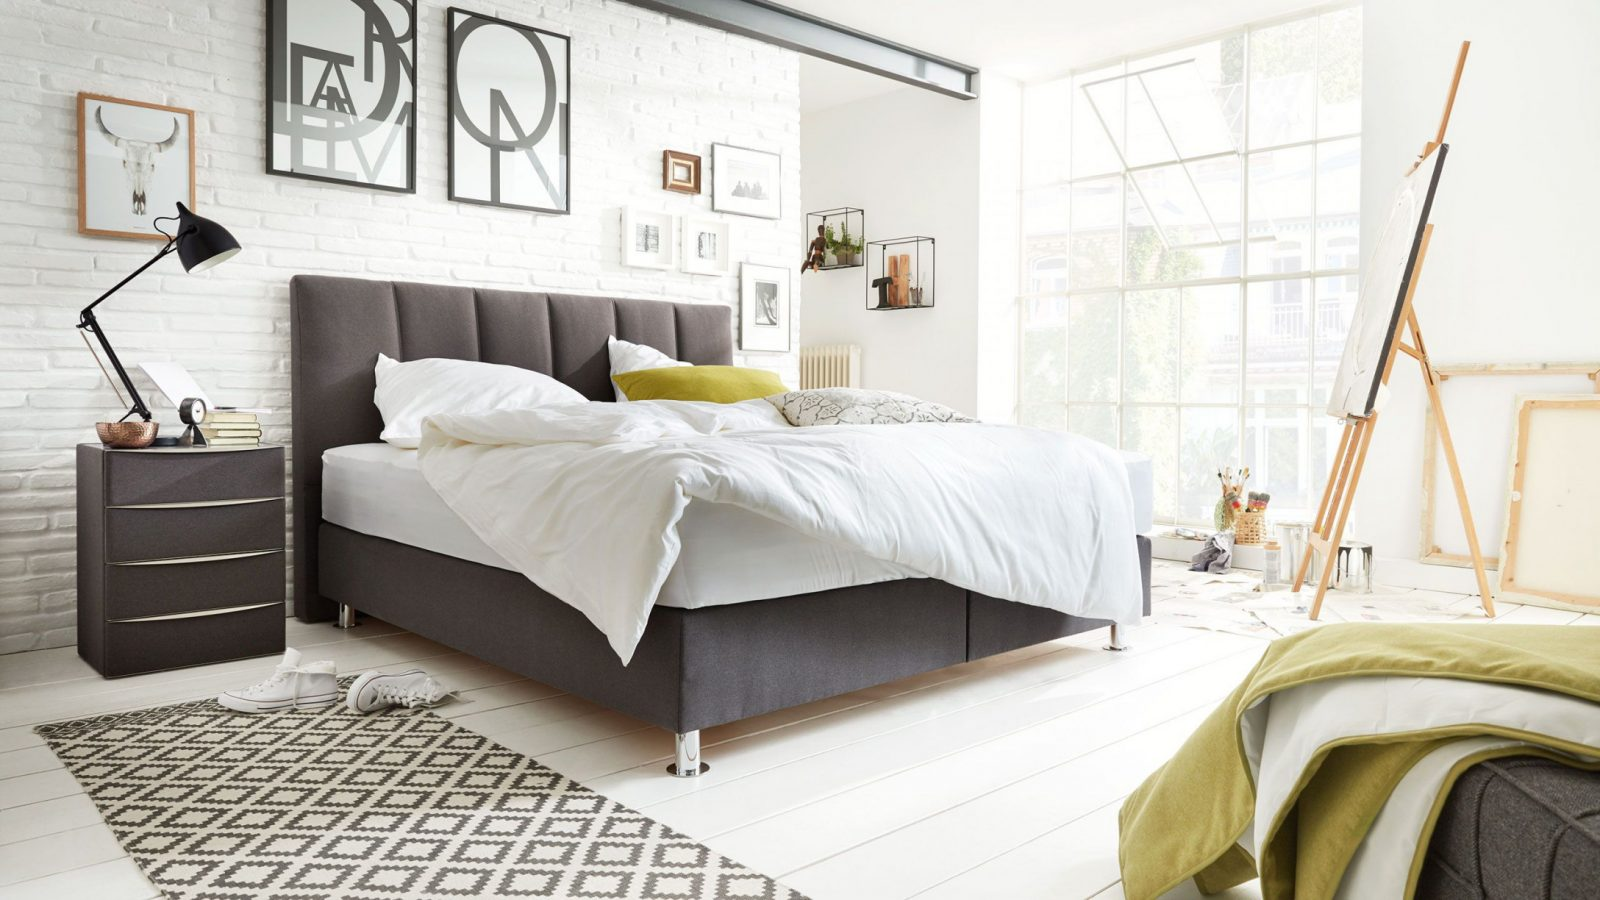 Auch Im Schlafzimmer Kann Der Loftstil Einziehen von Schlafzimmer Ideen Boxspringbett Bild